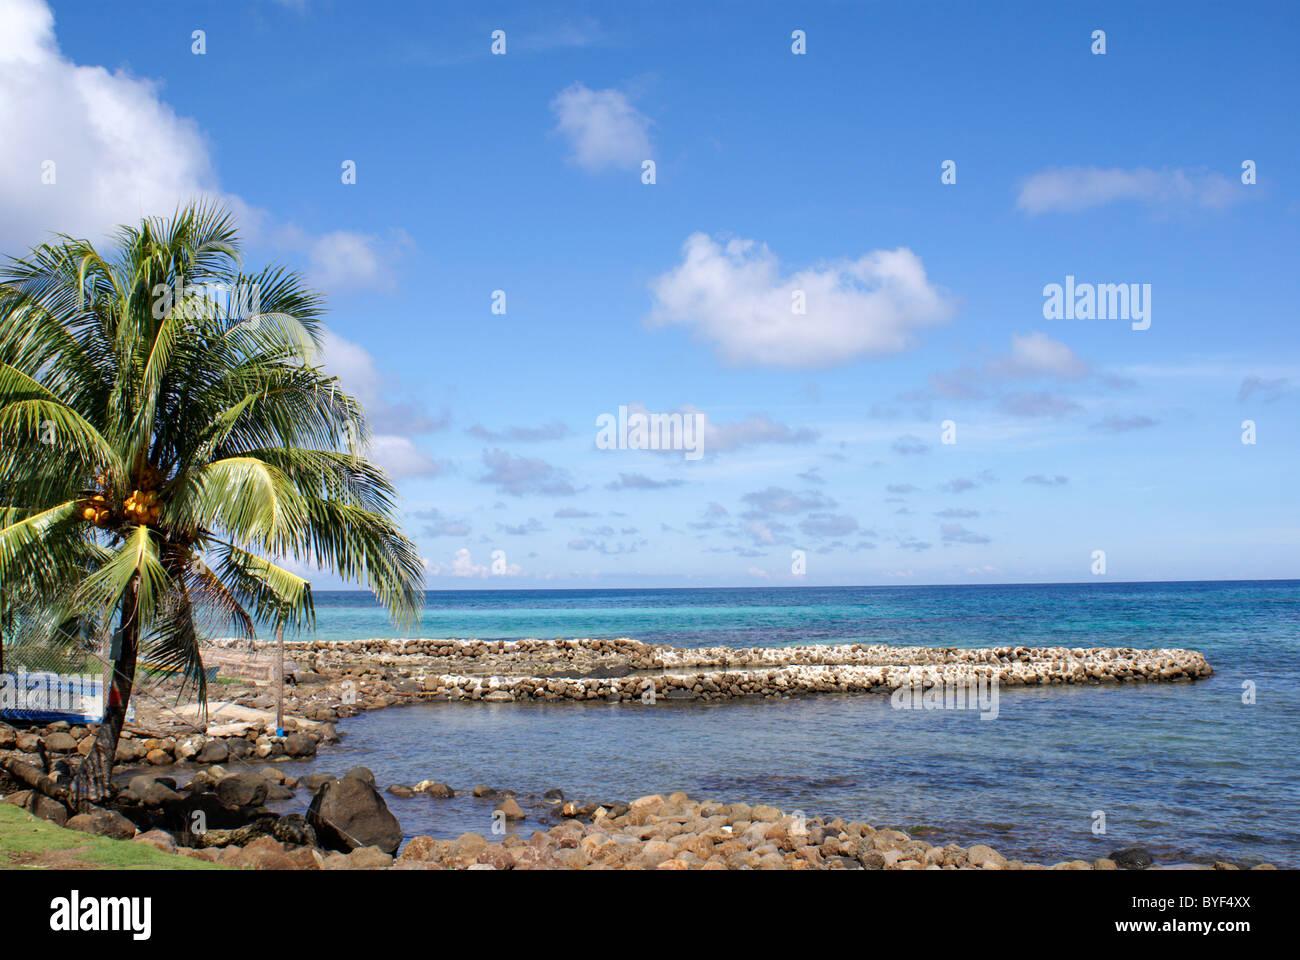 Vue sur la mer des Caraïbes et le brise-lames en pierre sur Big Corn Island, au Nicaragua, en Amérique centrale Banque D'Images